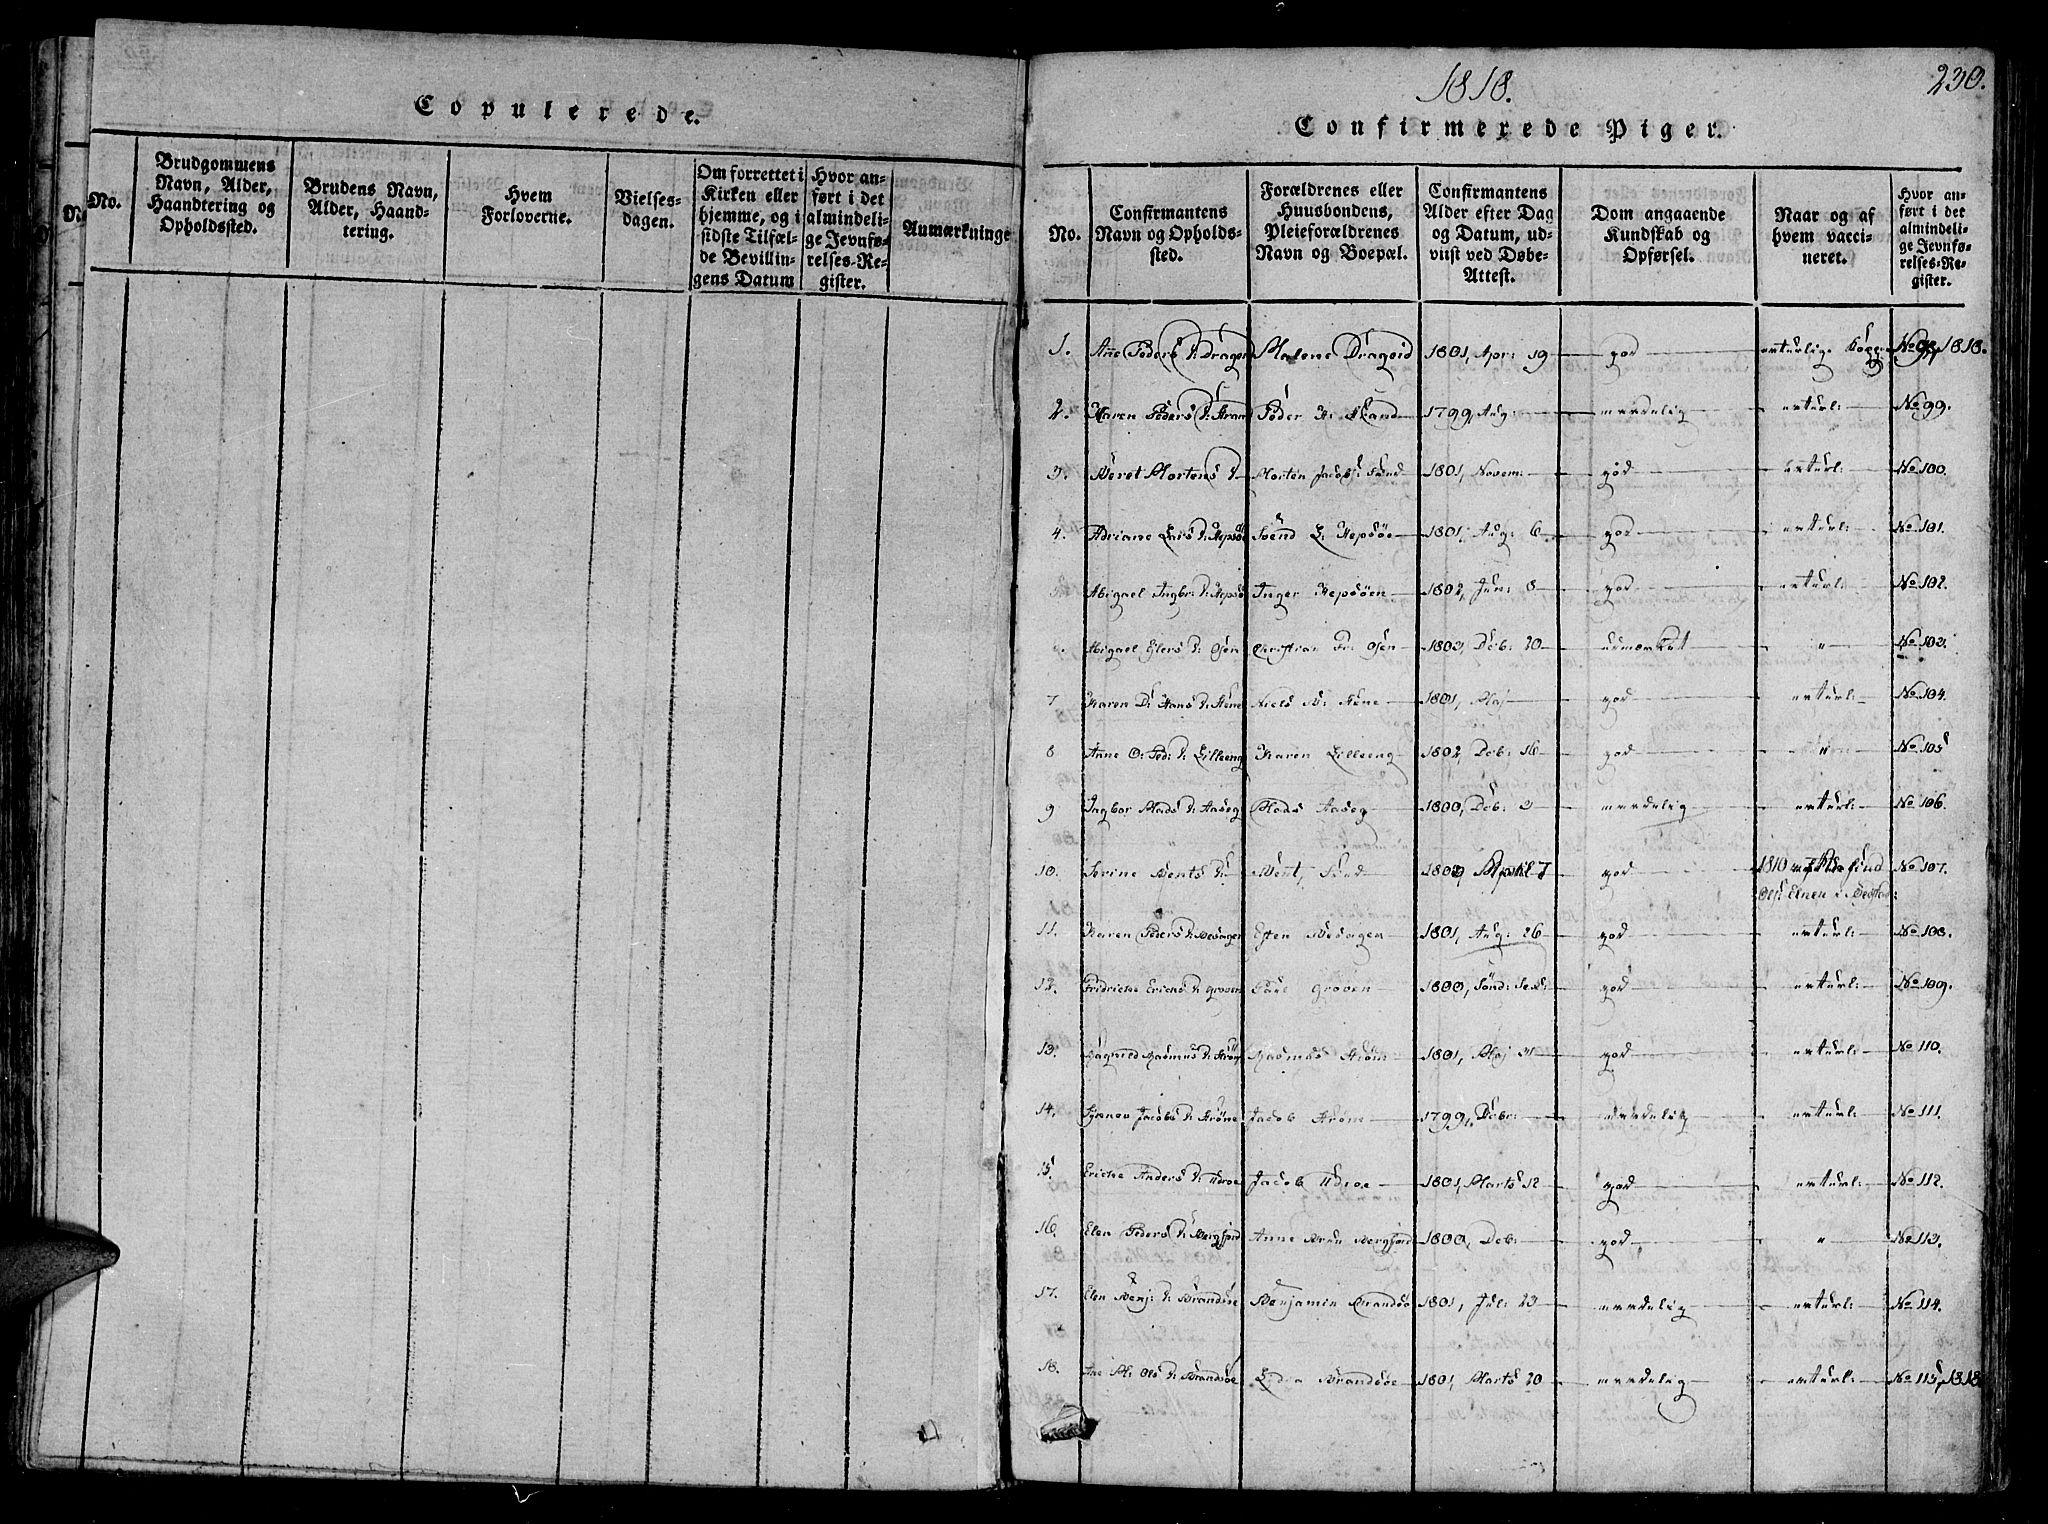 SAT, Ministerialprotokoller, klokkerbøker og fødselsregistre - Sør-Trøndelag, 657/L0702: Ministerialbok nr. 657A03, 1818-1831, s. 230